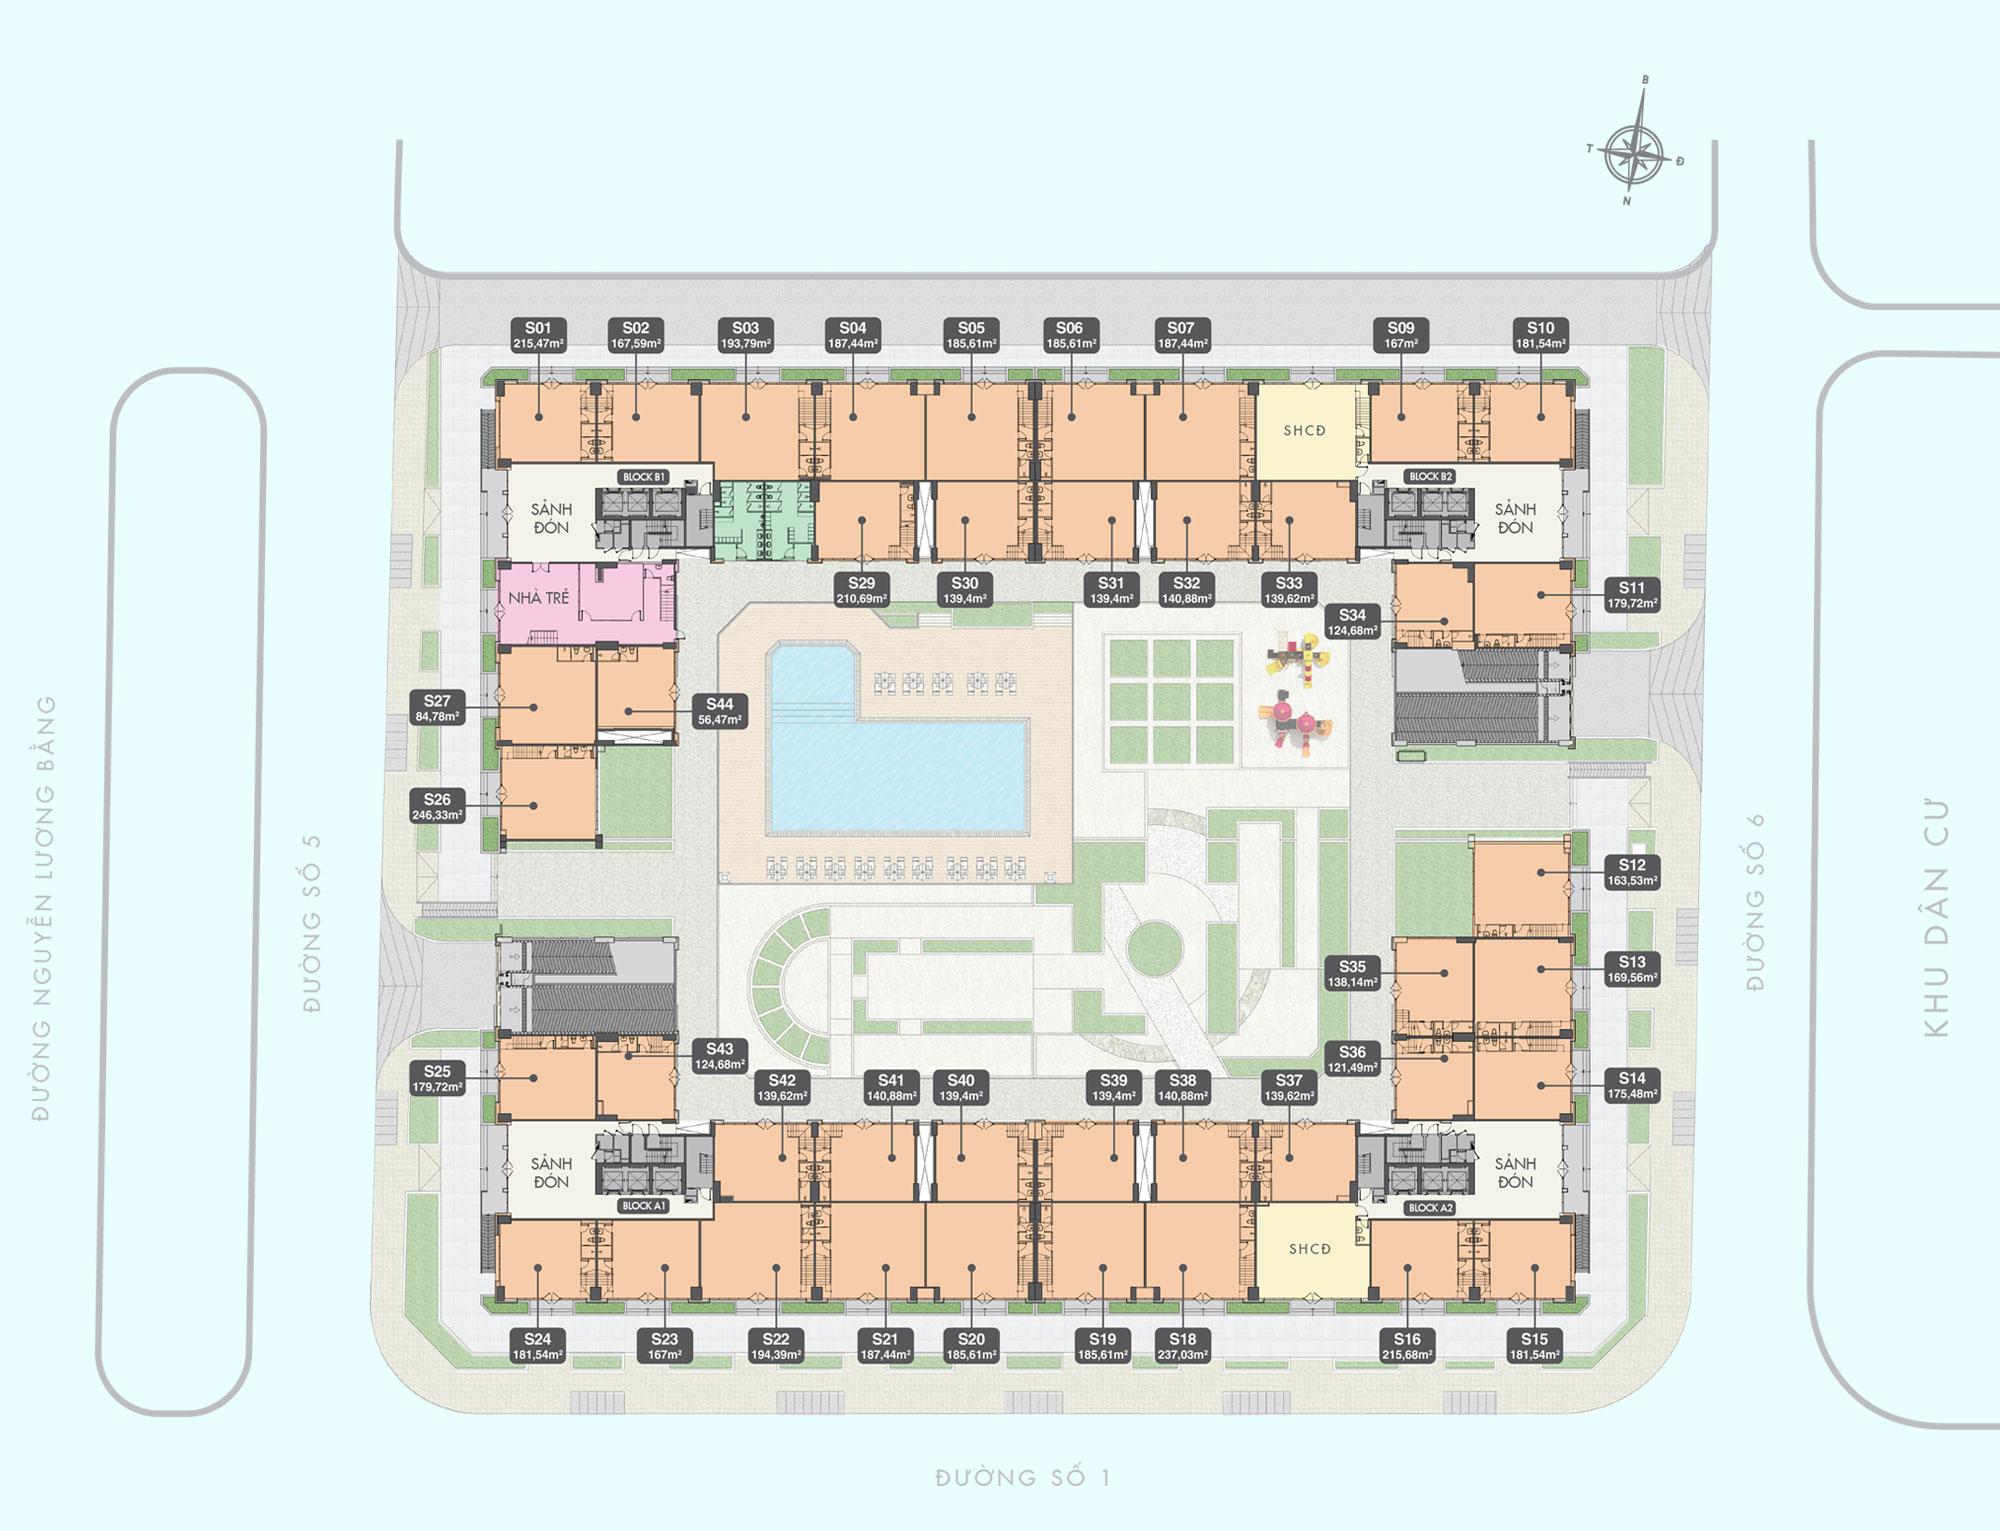 bang-bang-shop-house-q7-boulevard-nguyen-luong-bang-1